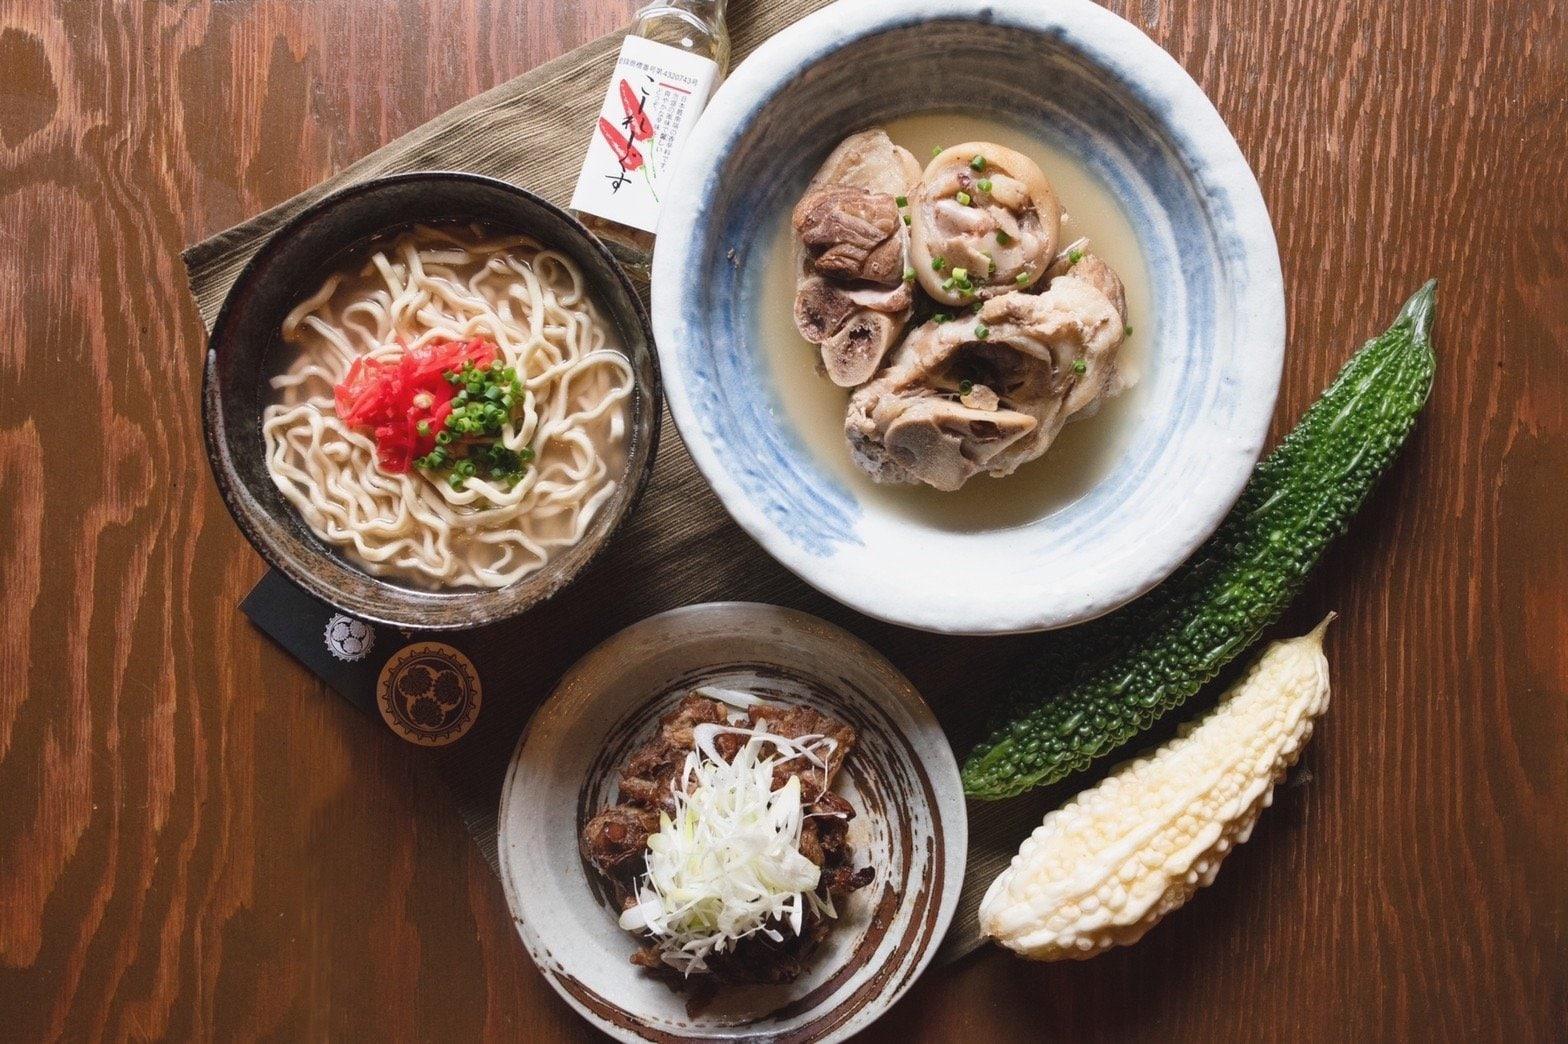 琉球食堂ハブとマングース 学芸大学 沖縄料理/煮込み料理/レンタルスペース